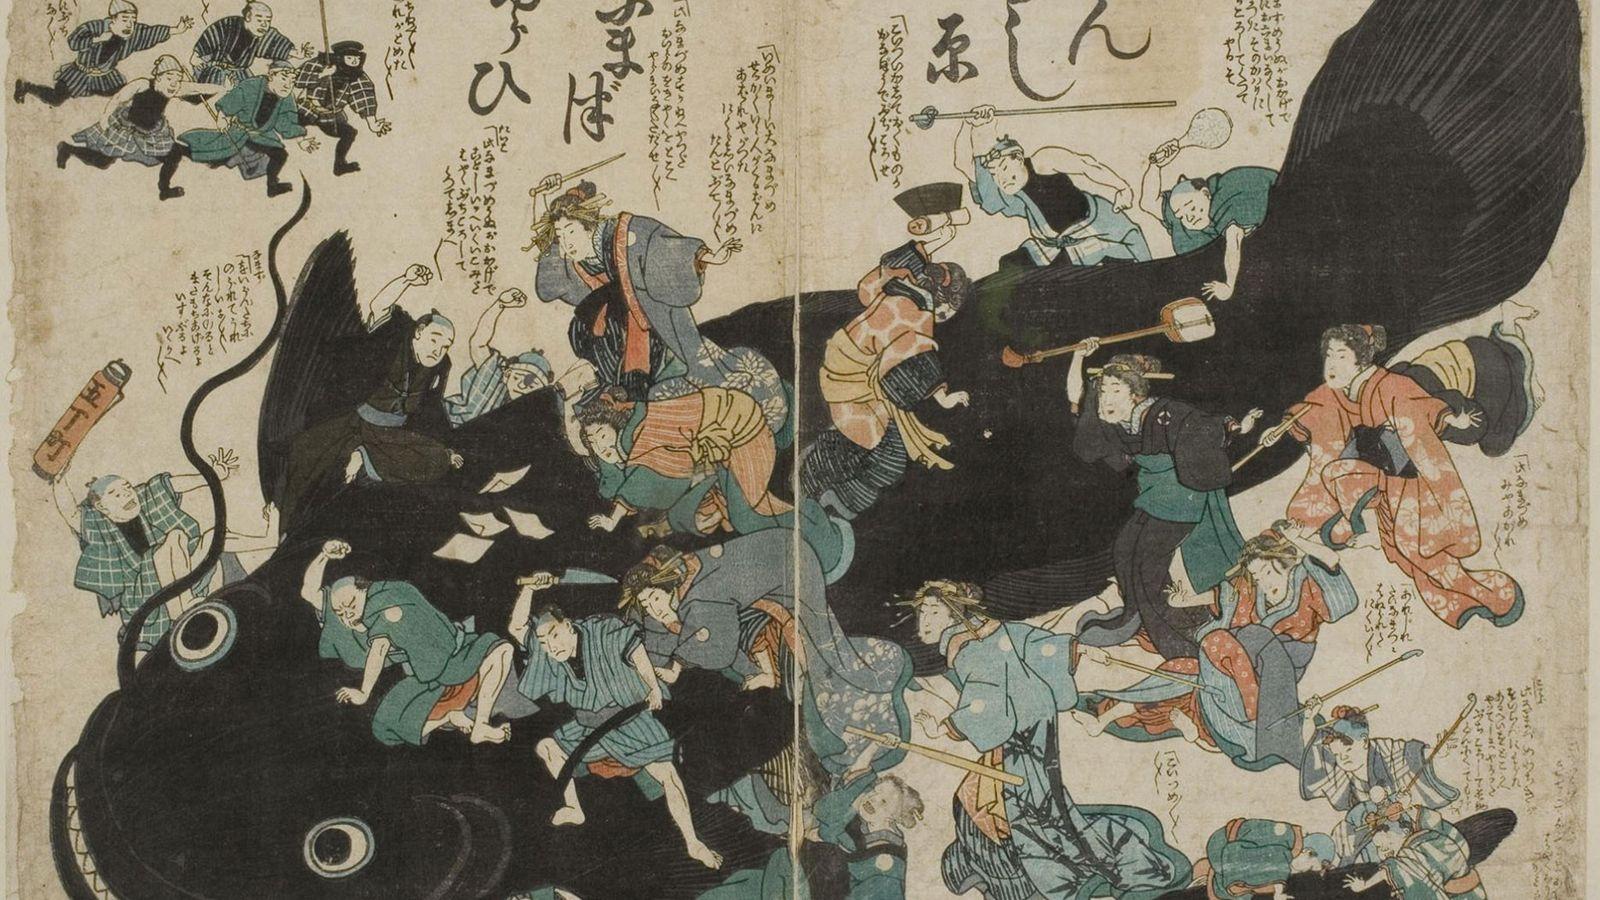 Ōnamazu der Riesenwels